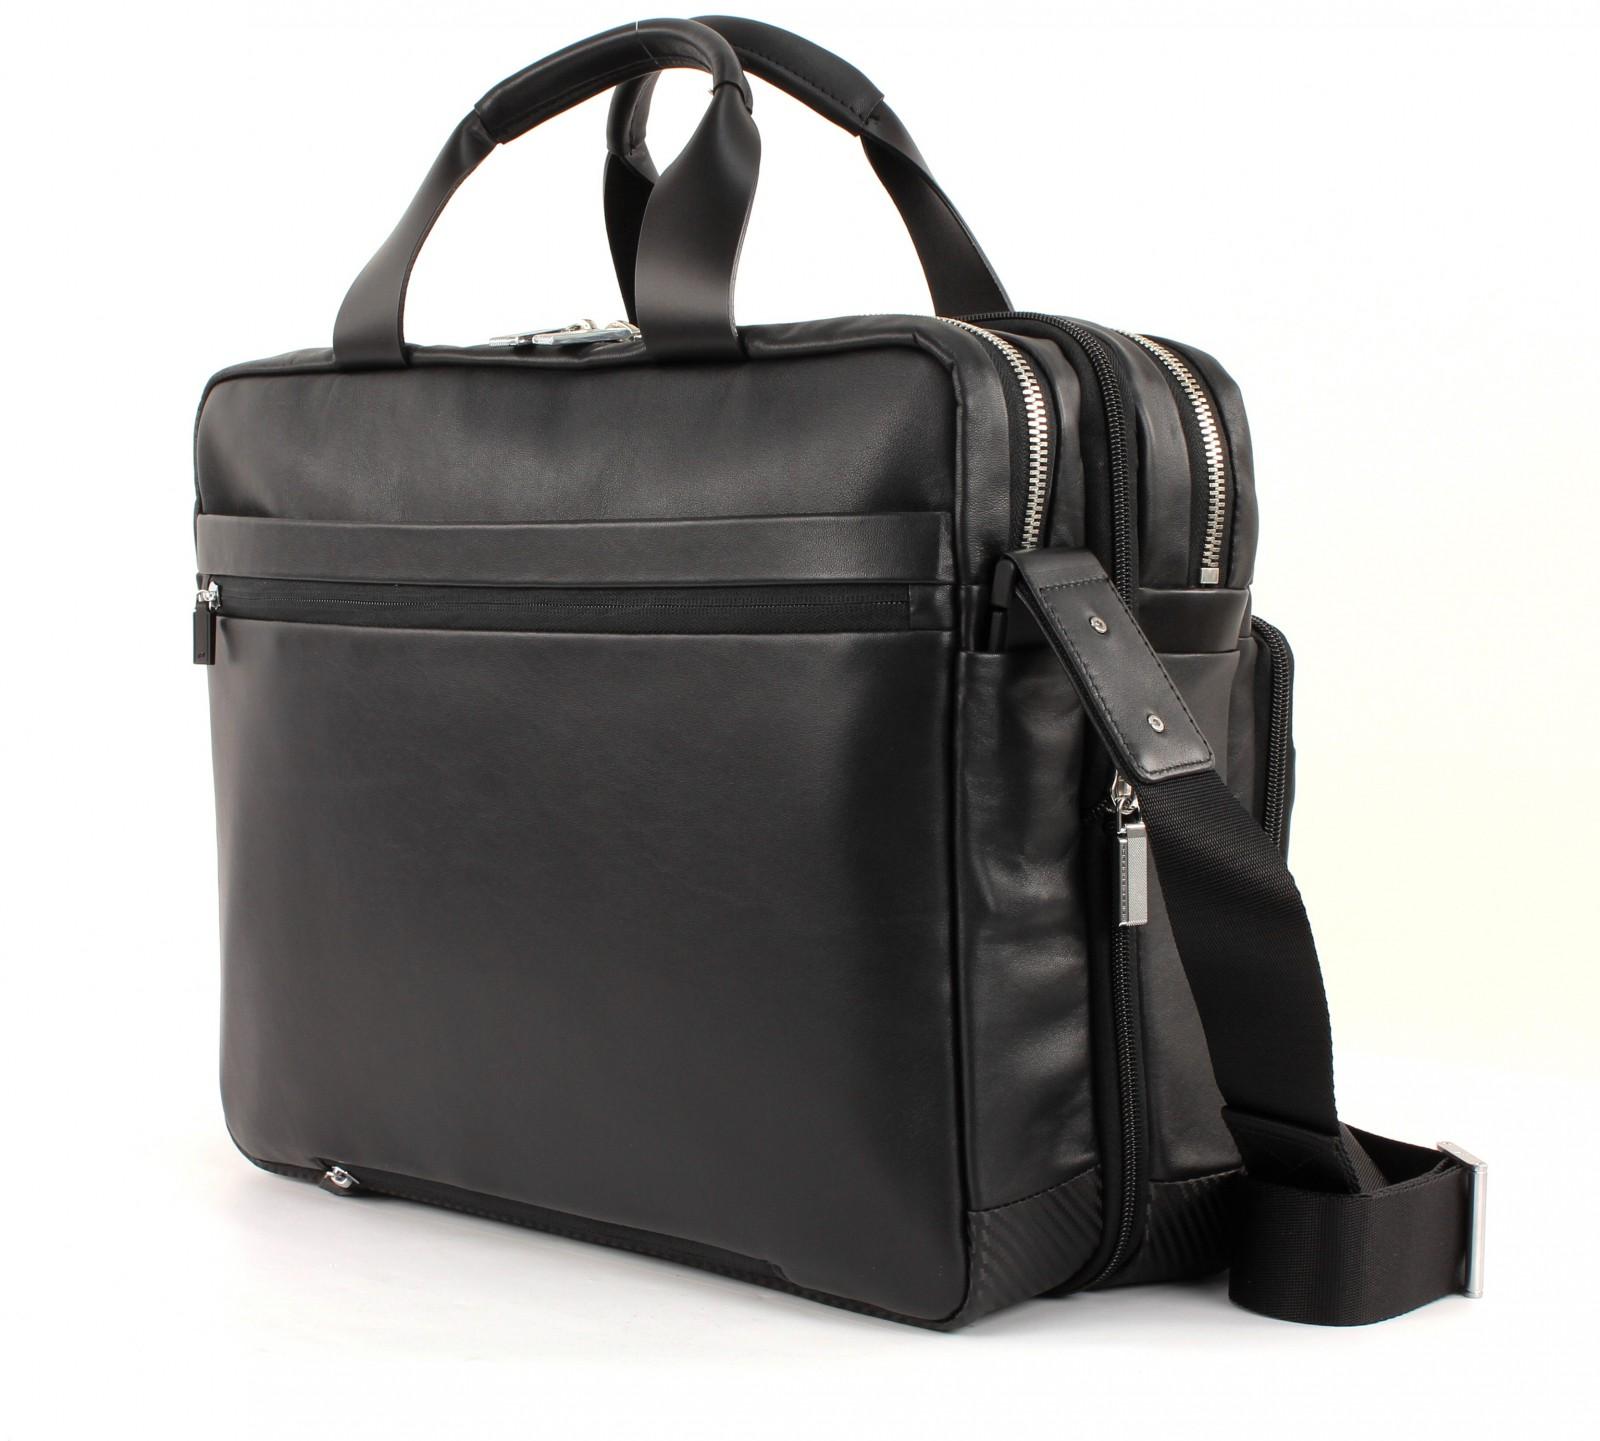 porsche design cl2 2 0 brief bag lhz black. Black Bedroom Furniture Sets. Home Design Ideas